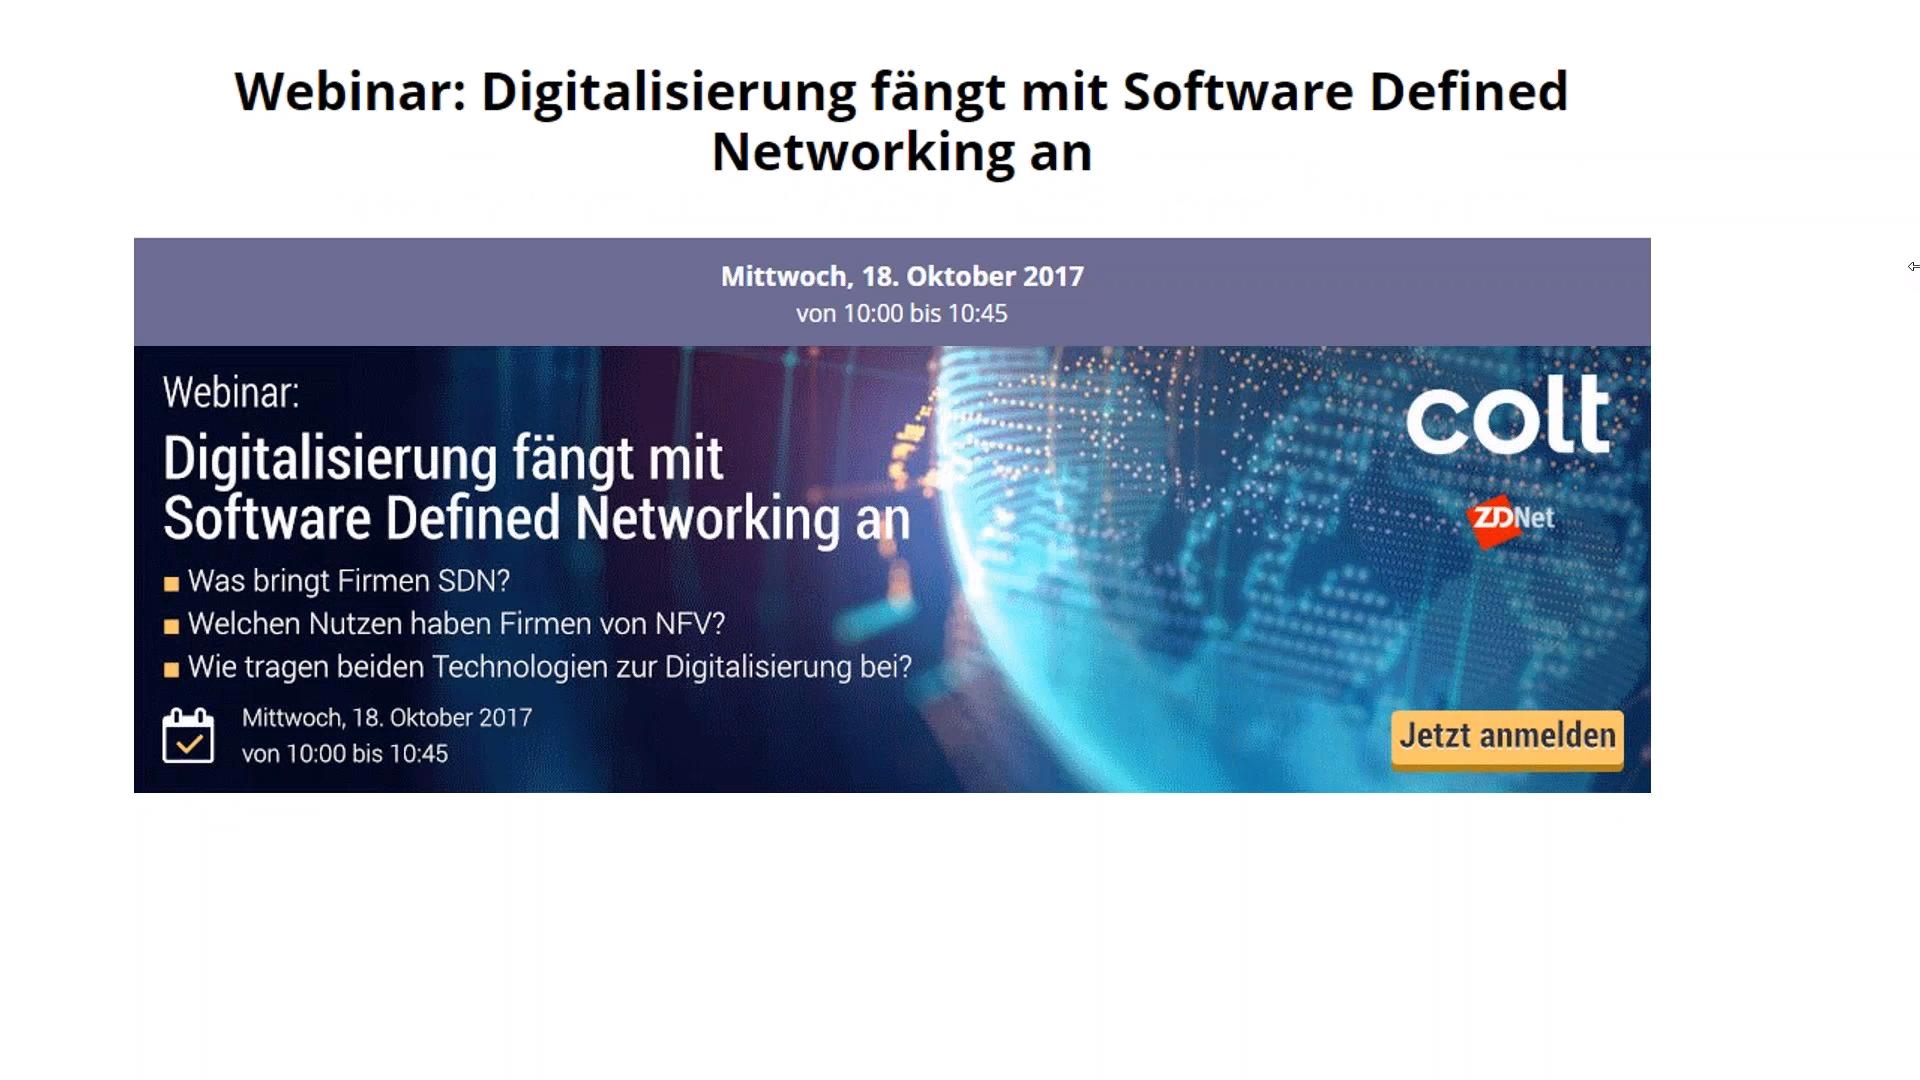 Webinar-Aufzeichnung: Digitalisierung fängt mit Software Defined Networking an